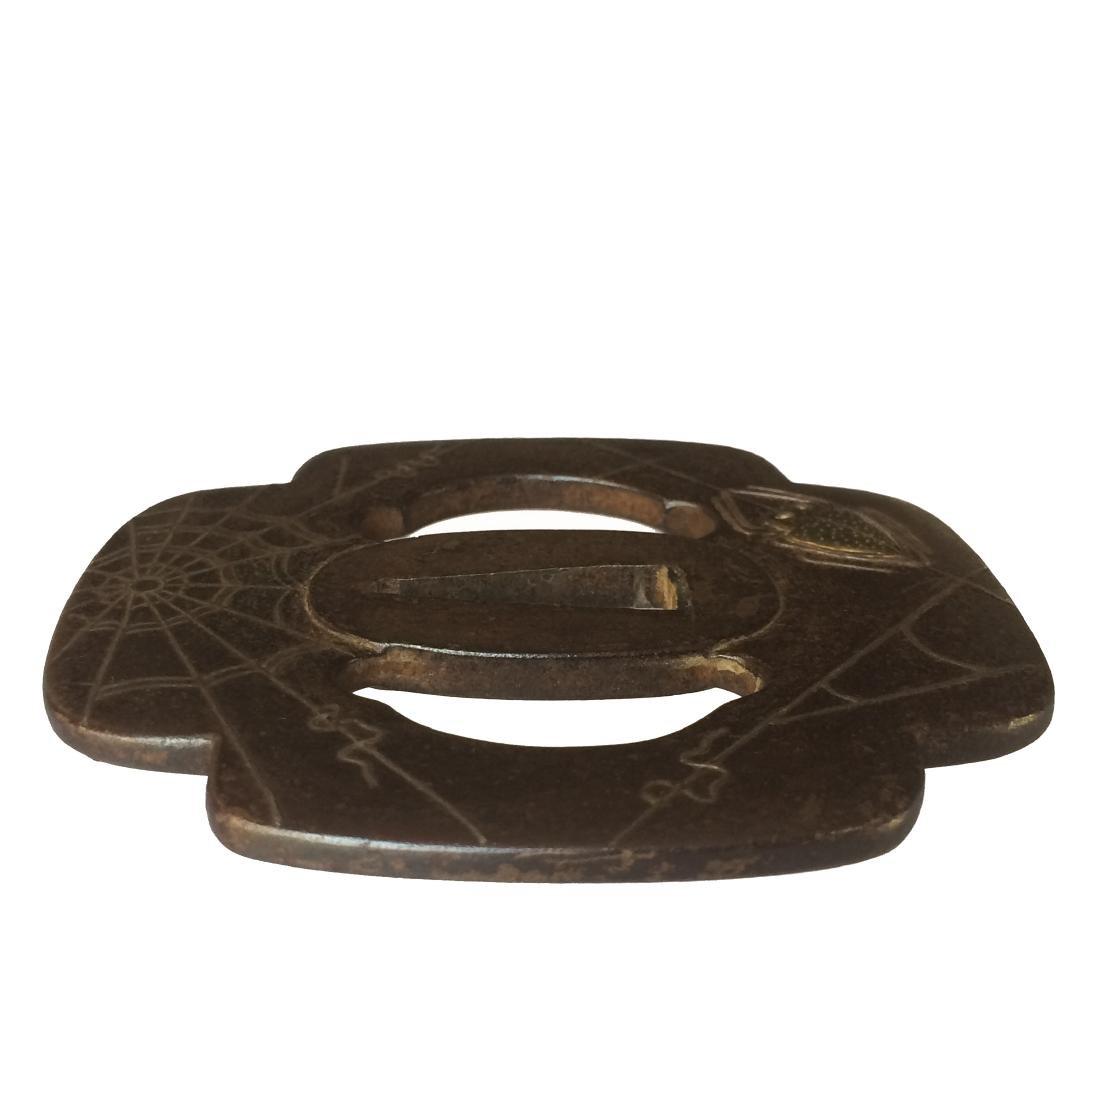 A Higo school iron tsuba with silver and brass inlay - 2